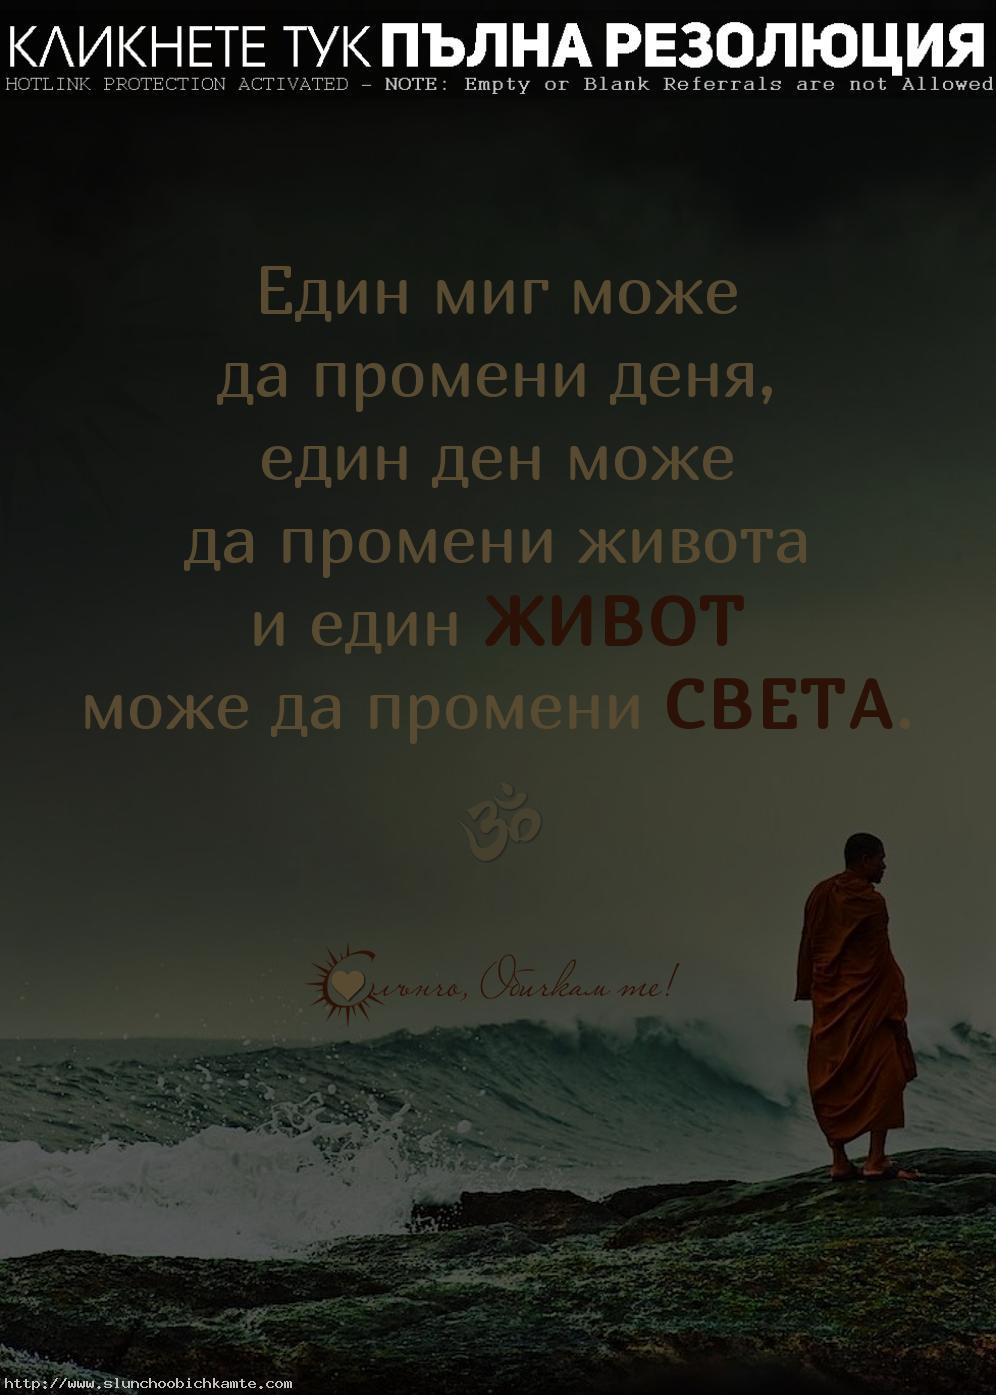 Един миг може да промени деня, един ден може да промени живота и един живот може да промени света. - Намасте, цитати на Буда, Мъдри мисли и статуси за живота, позитивни фрази